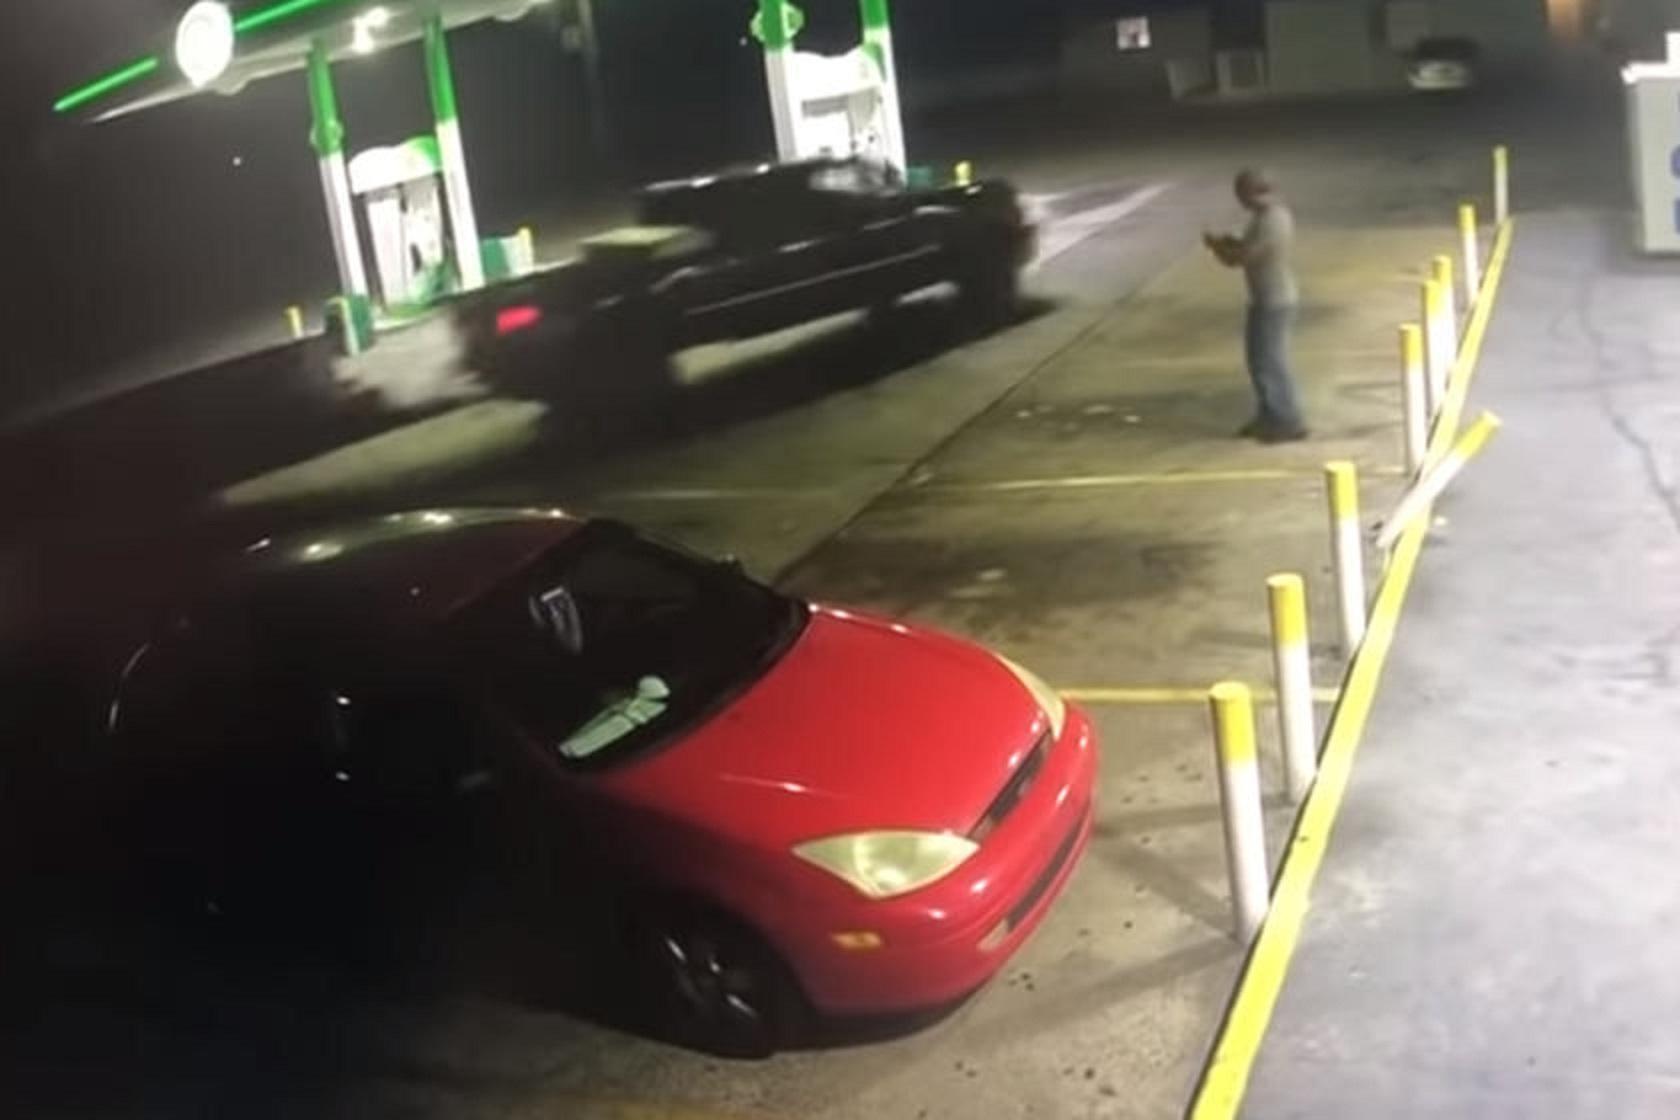 Nghi có gian lận, người đàn ông cố tình đâm xe vào nhân viên trạm xăng